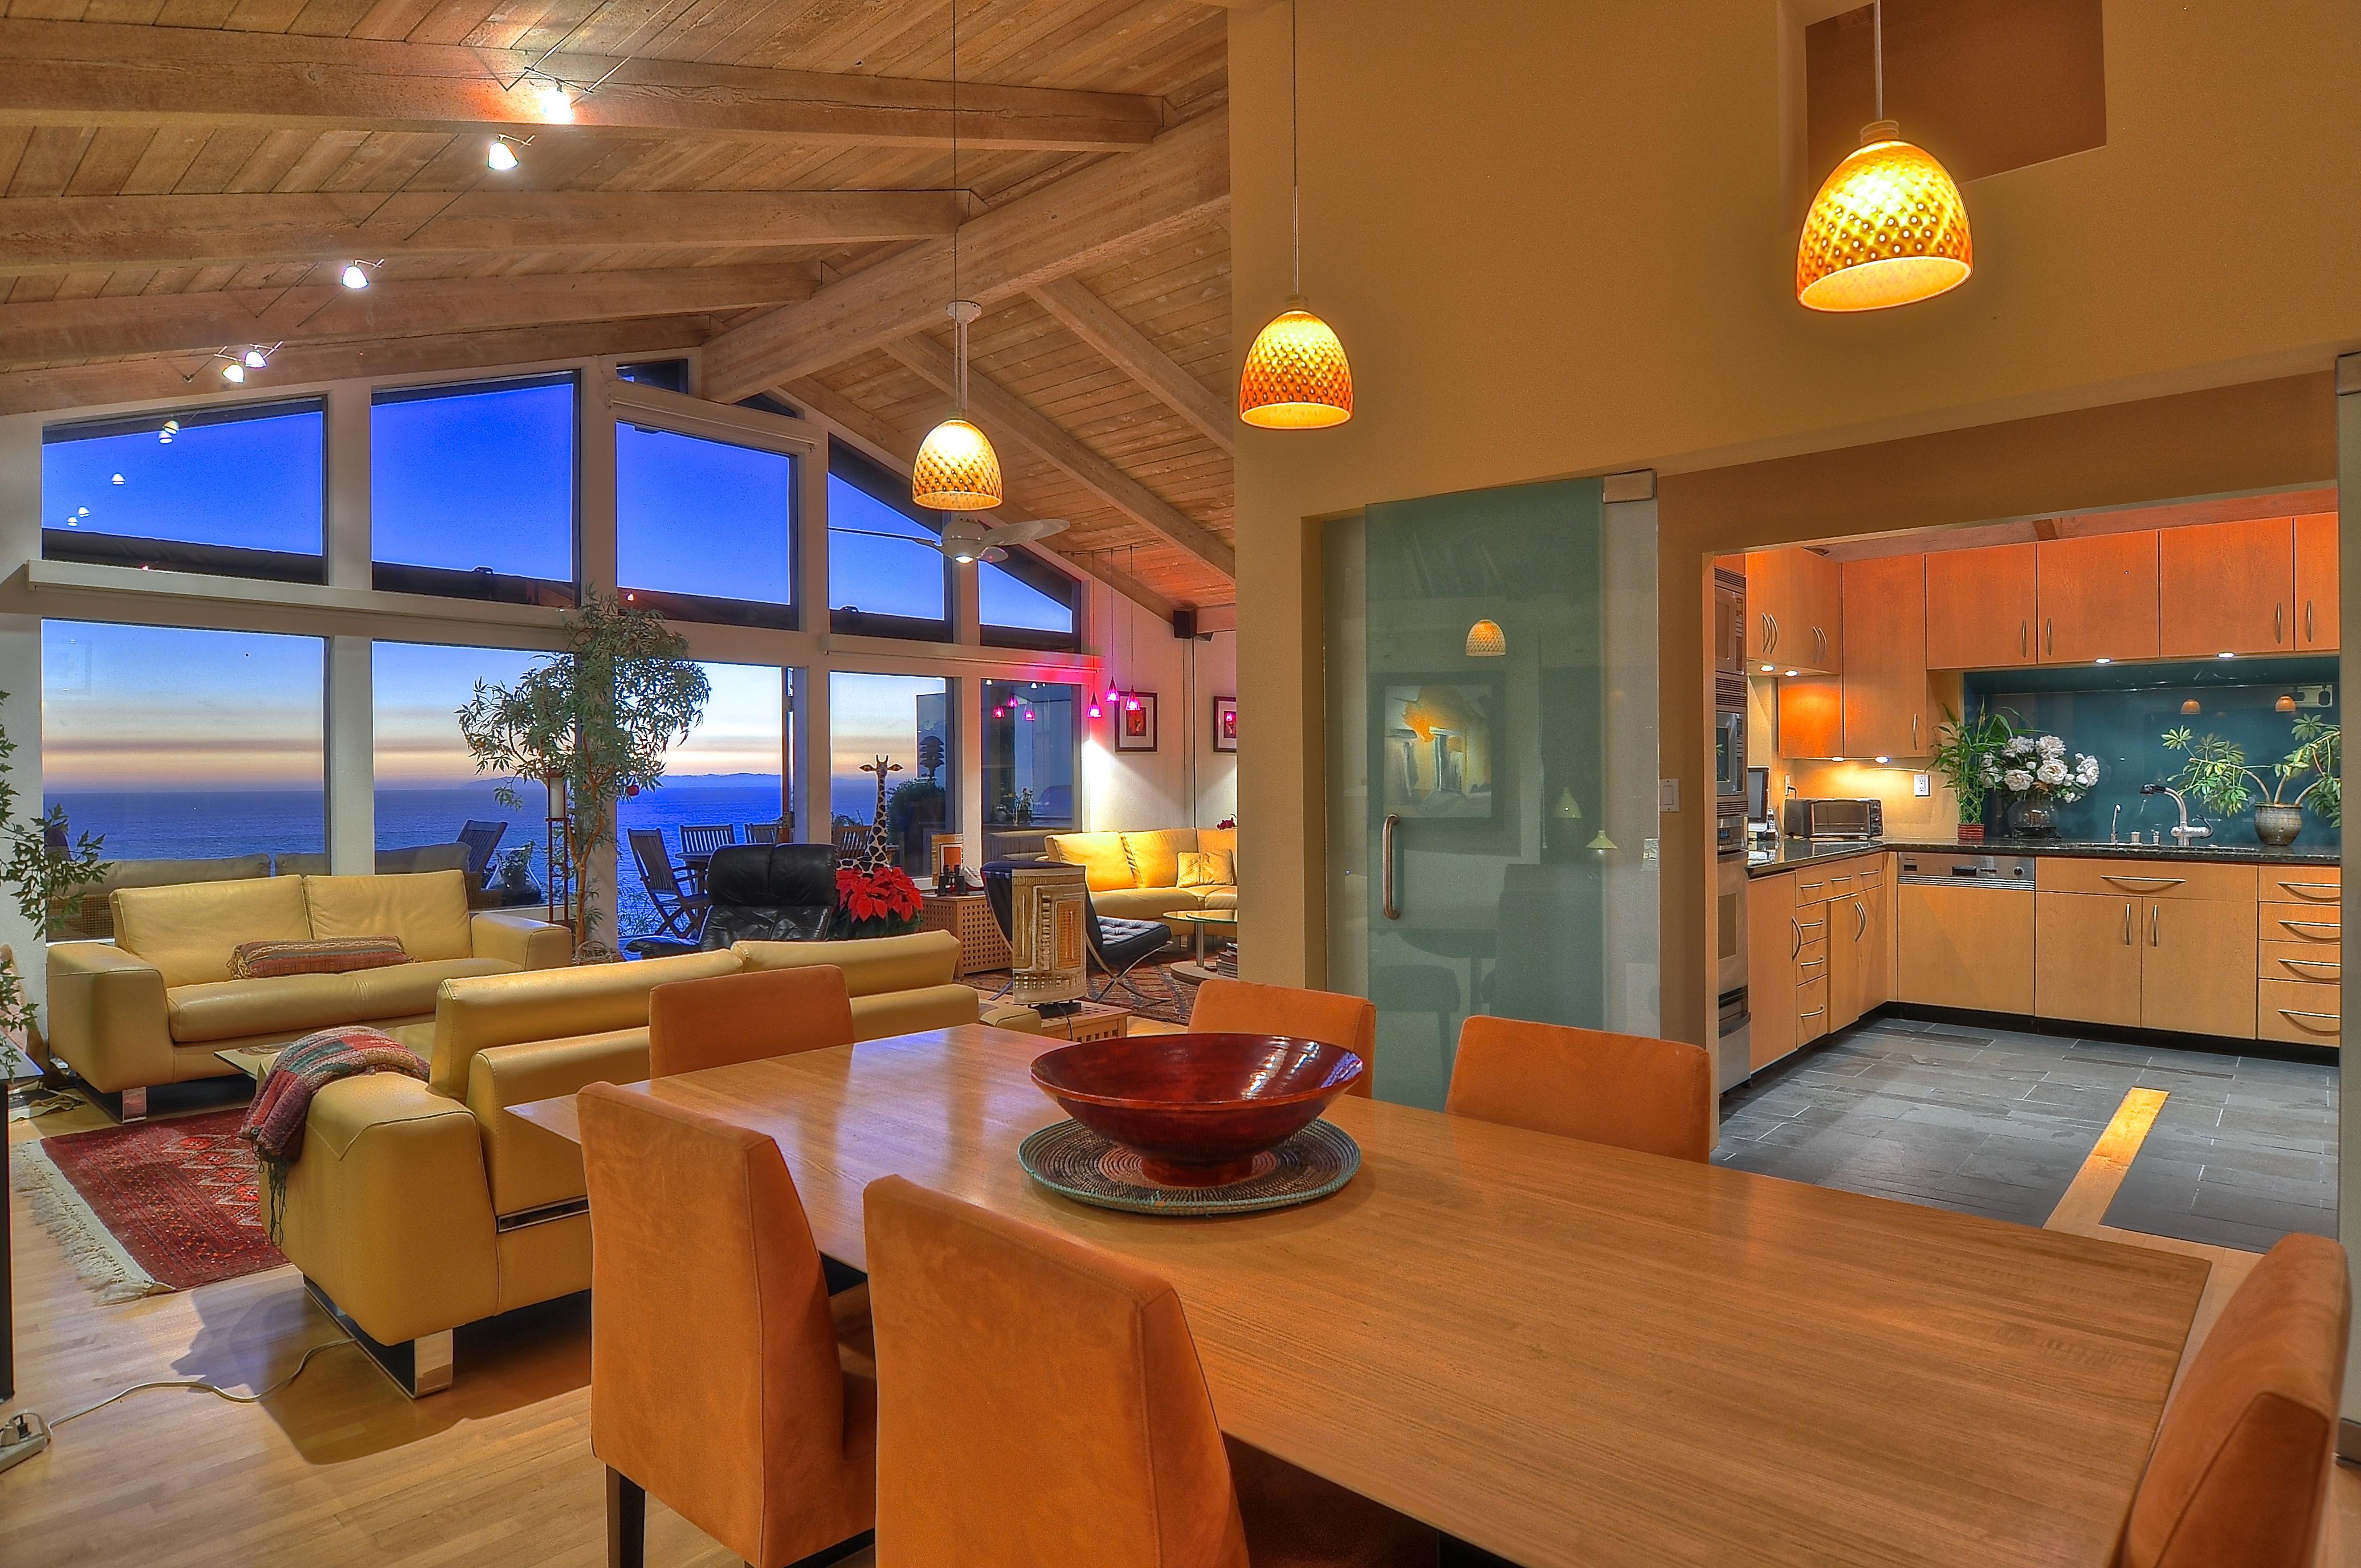 Laguna beach contemporary home for sale luxuryrealestate for Home for sale in laguna beach